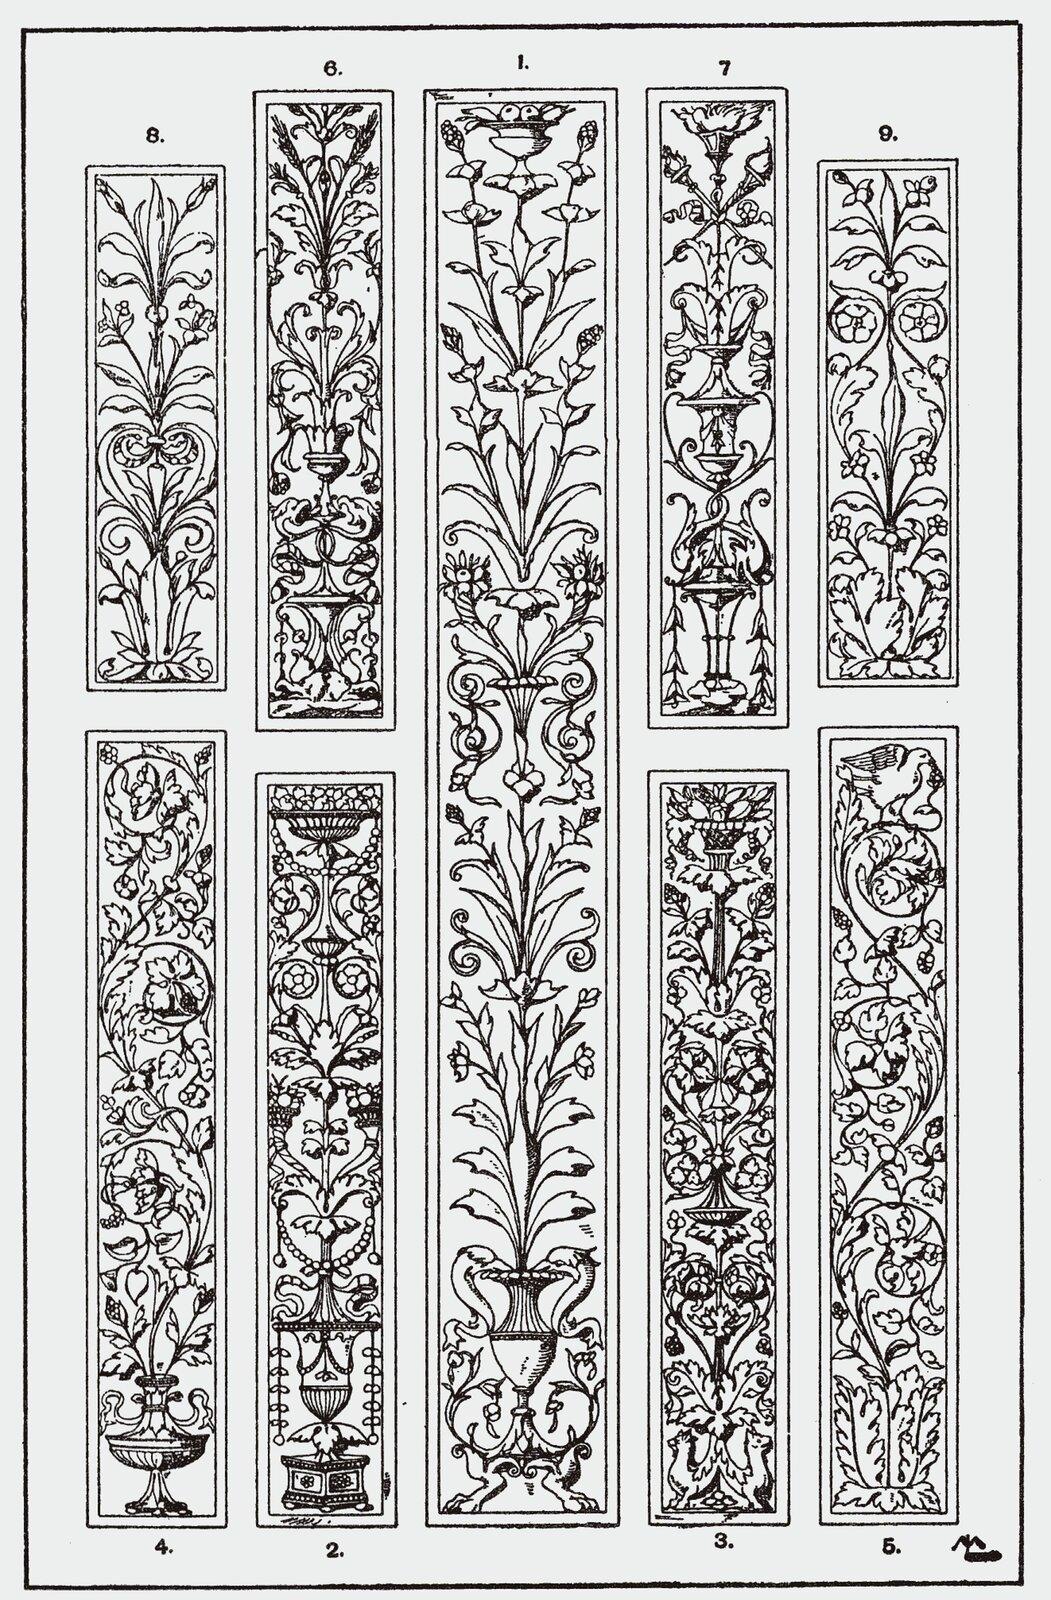 Ilustracja przedstawia ornament wformie świecznika połączonego zmotywami dekoracyjnymi, takimi jak wić roślinna czy groteska ułożone wukładzie symetrycznym. Ornament ten był stosowany na pionowych, wąskich płycinach.